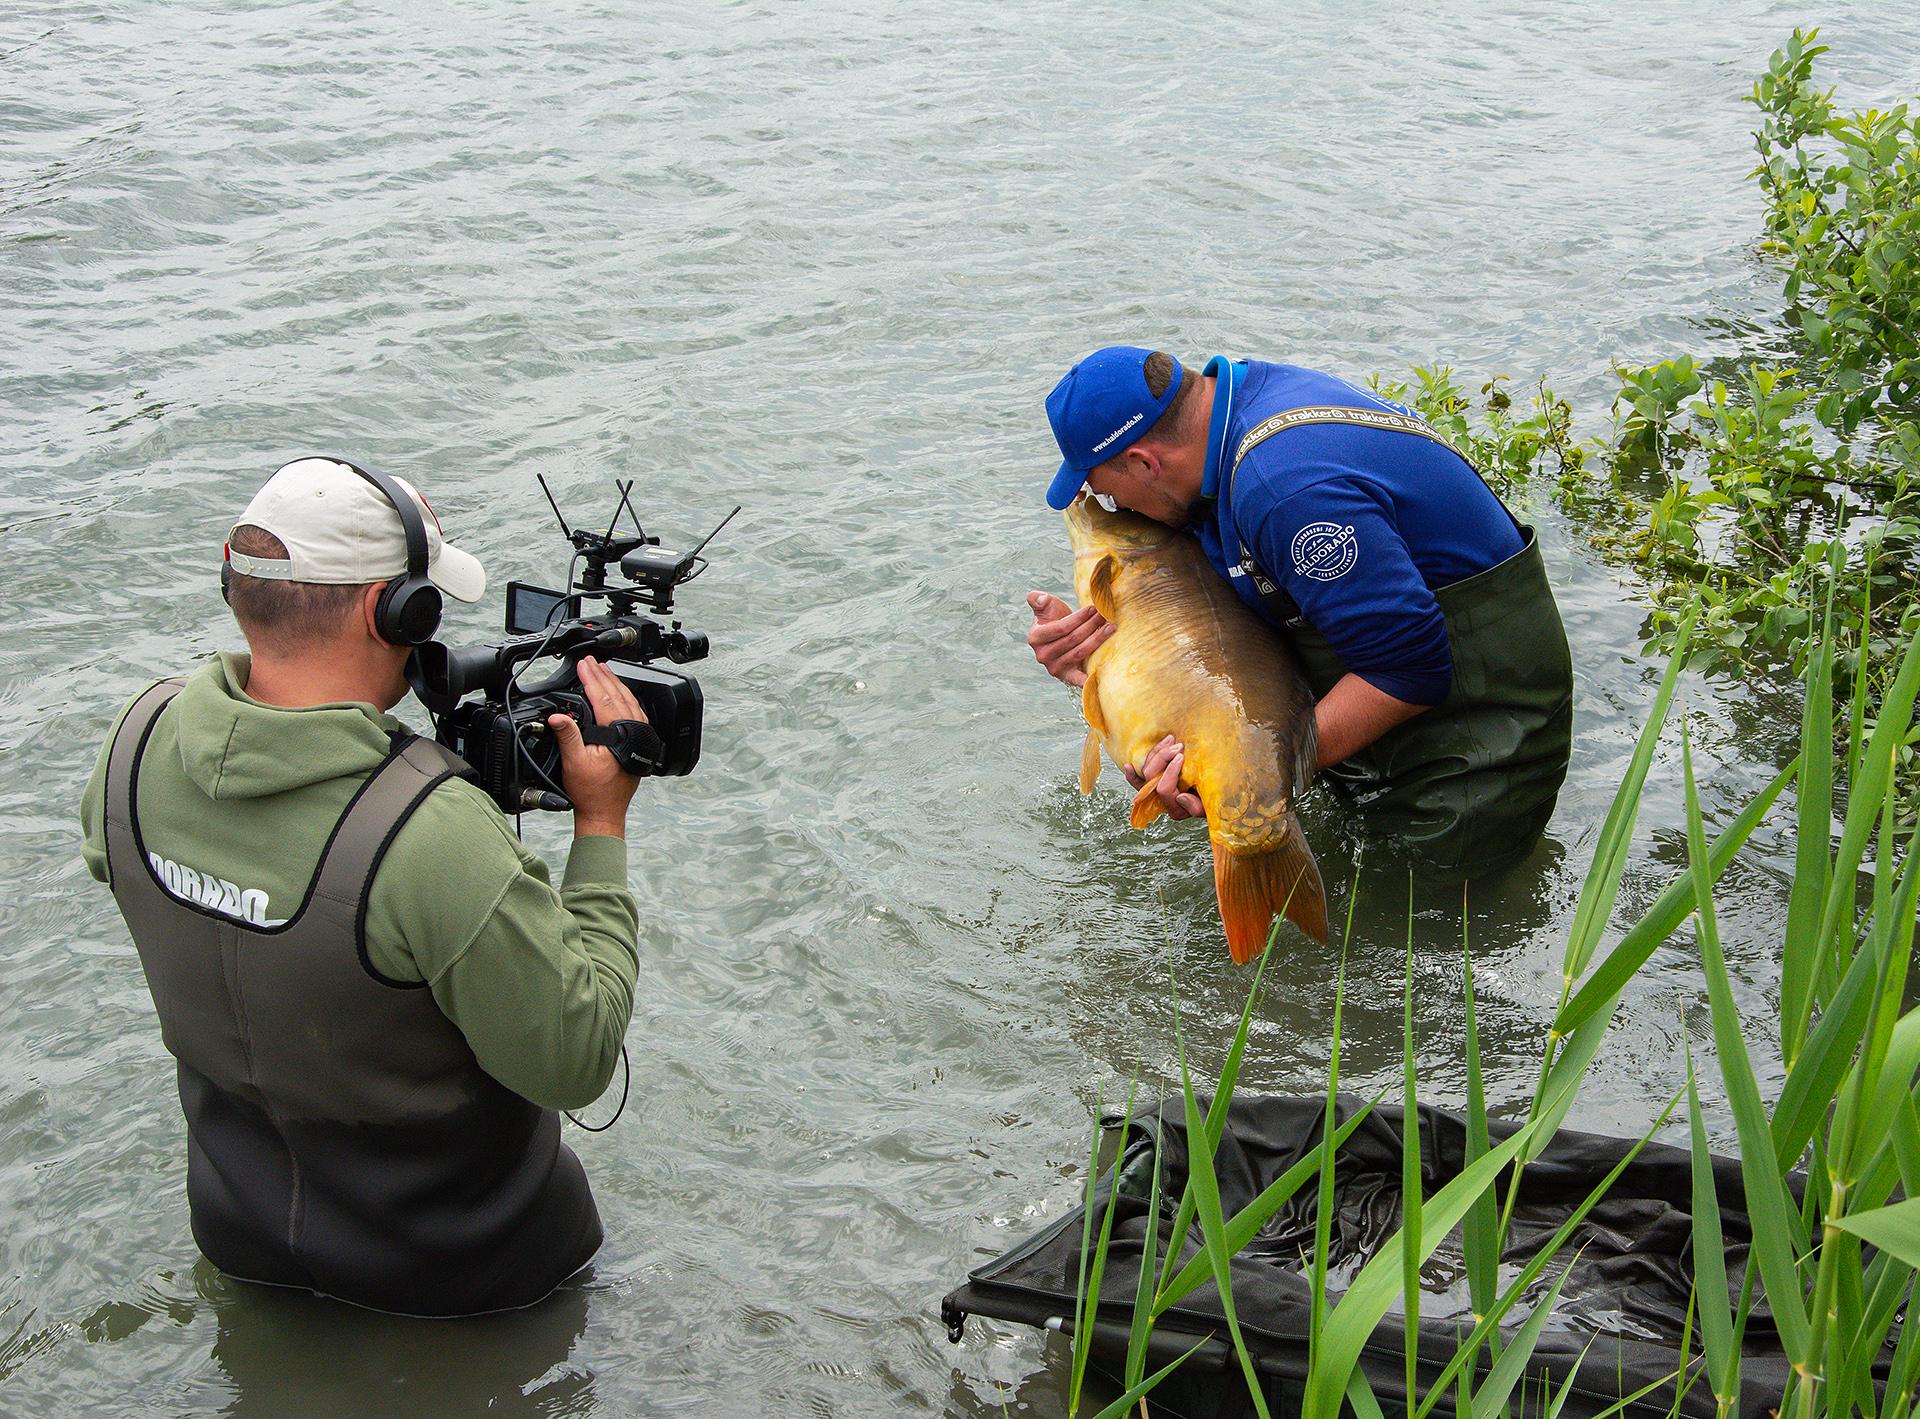 A horgászatról készítettünk egy fantasztikusan jó hangulatú, izgalmas filmet is, ami talán az eddigi legjobb Nyári feederes kalandok epizód lett! Jó szórakozást kívánunk hozzá!